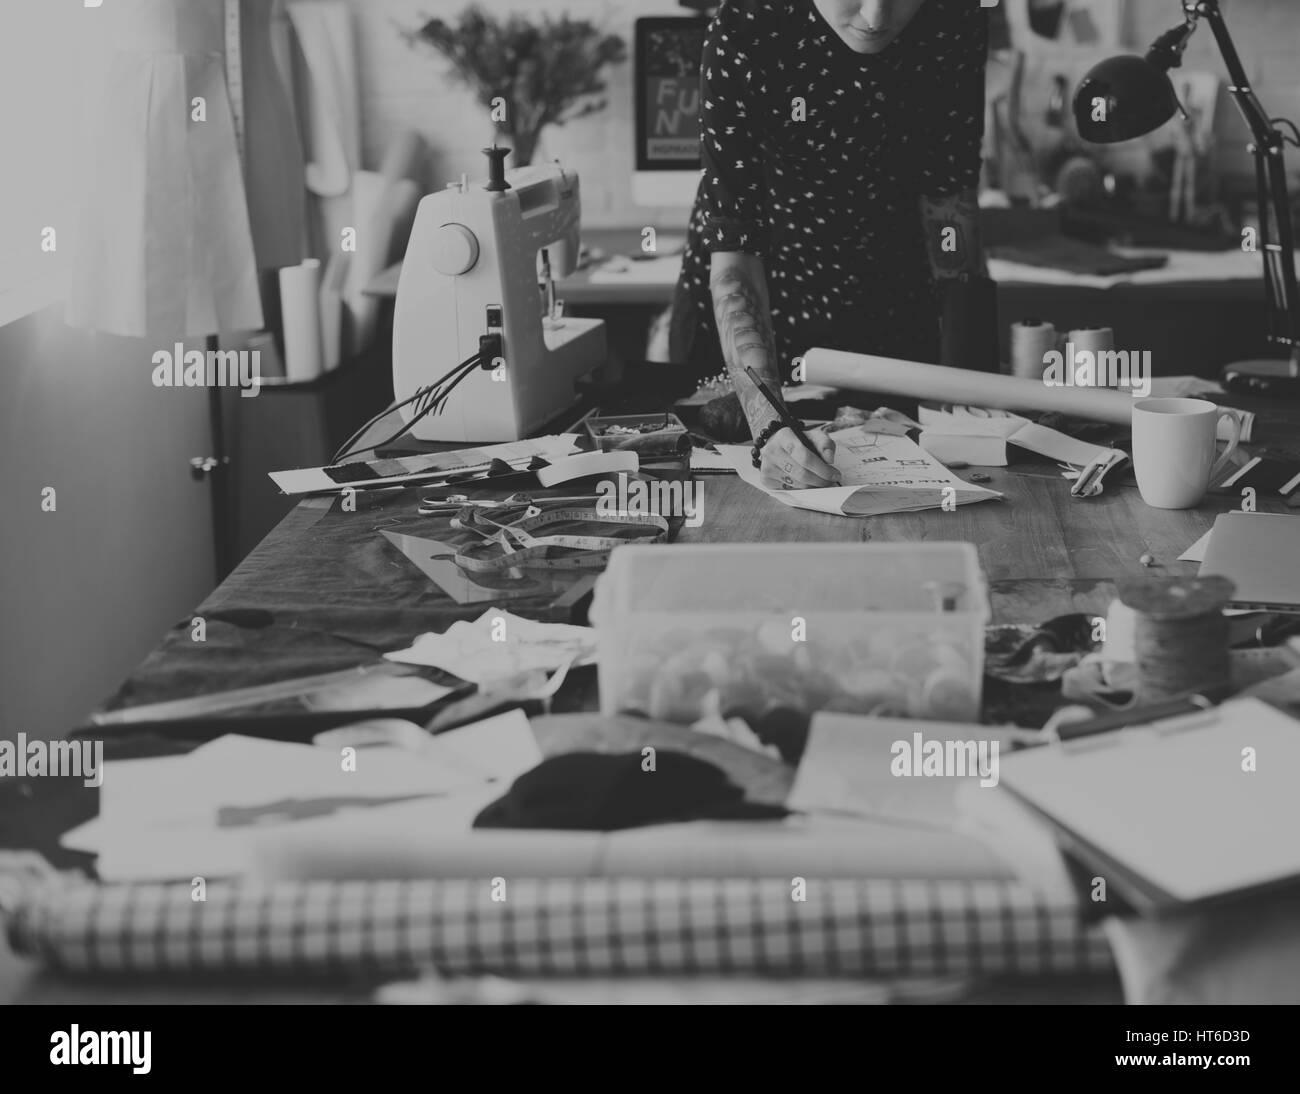 Fashion Designer Stylish Showroom Concept - Stock Image